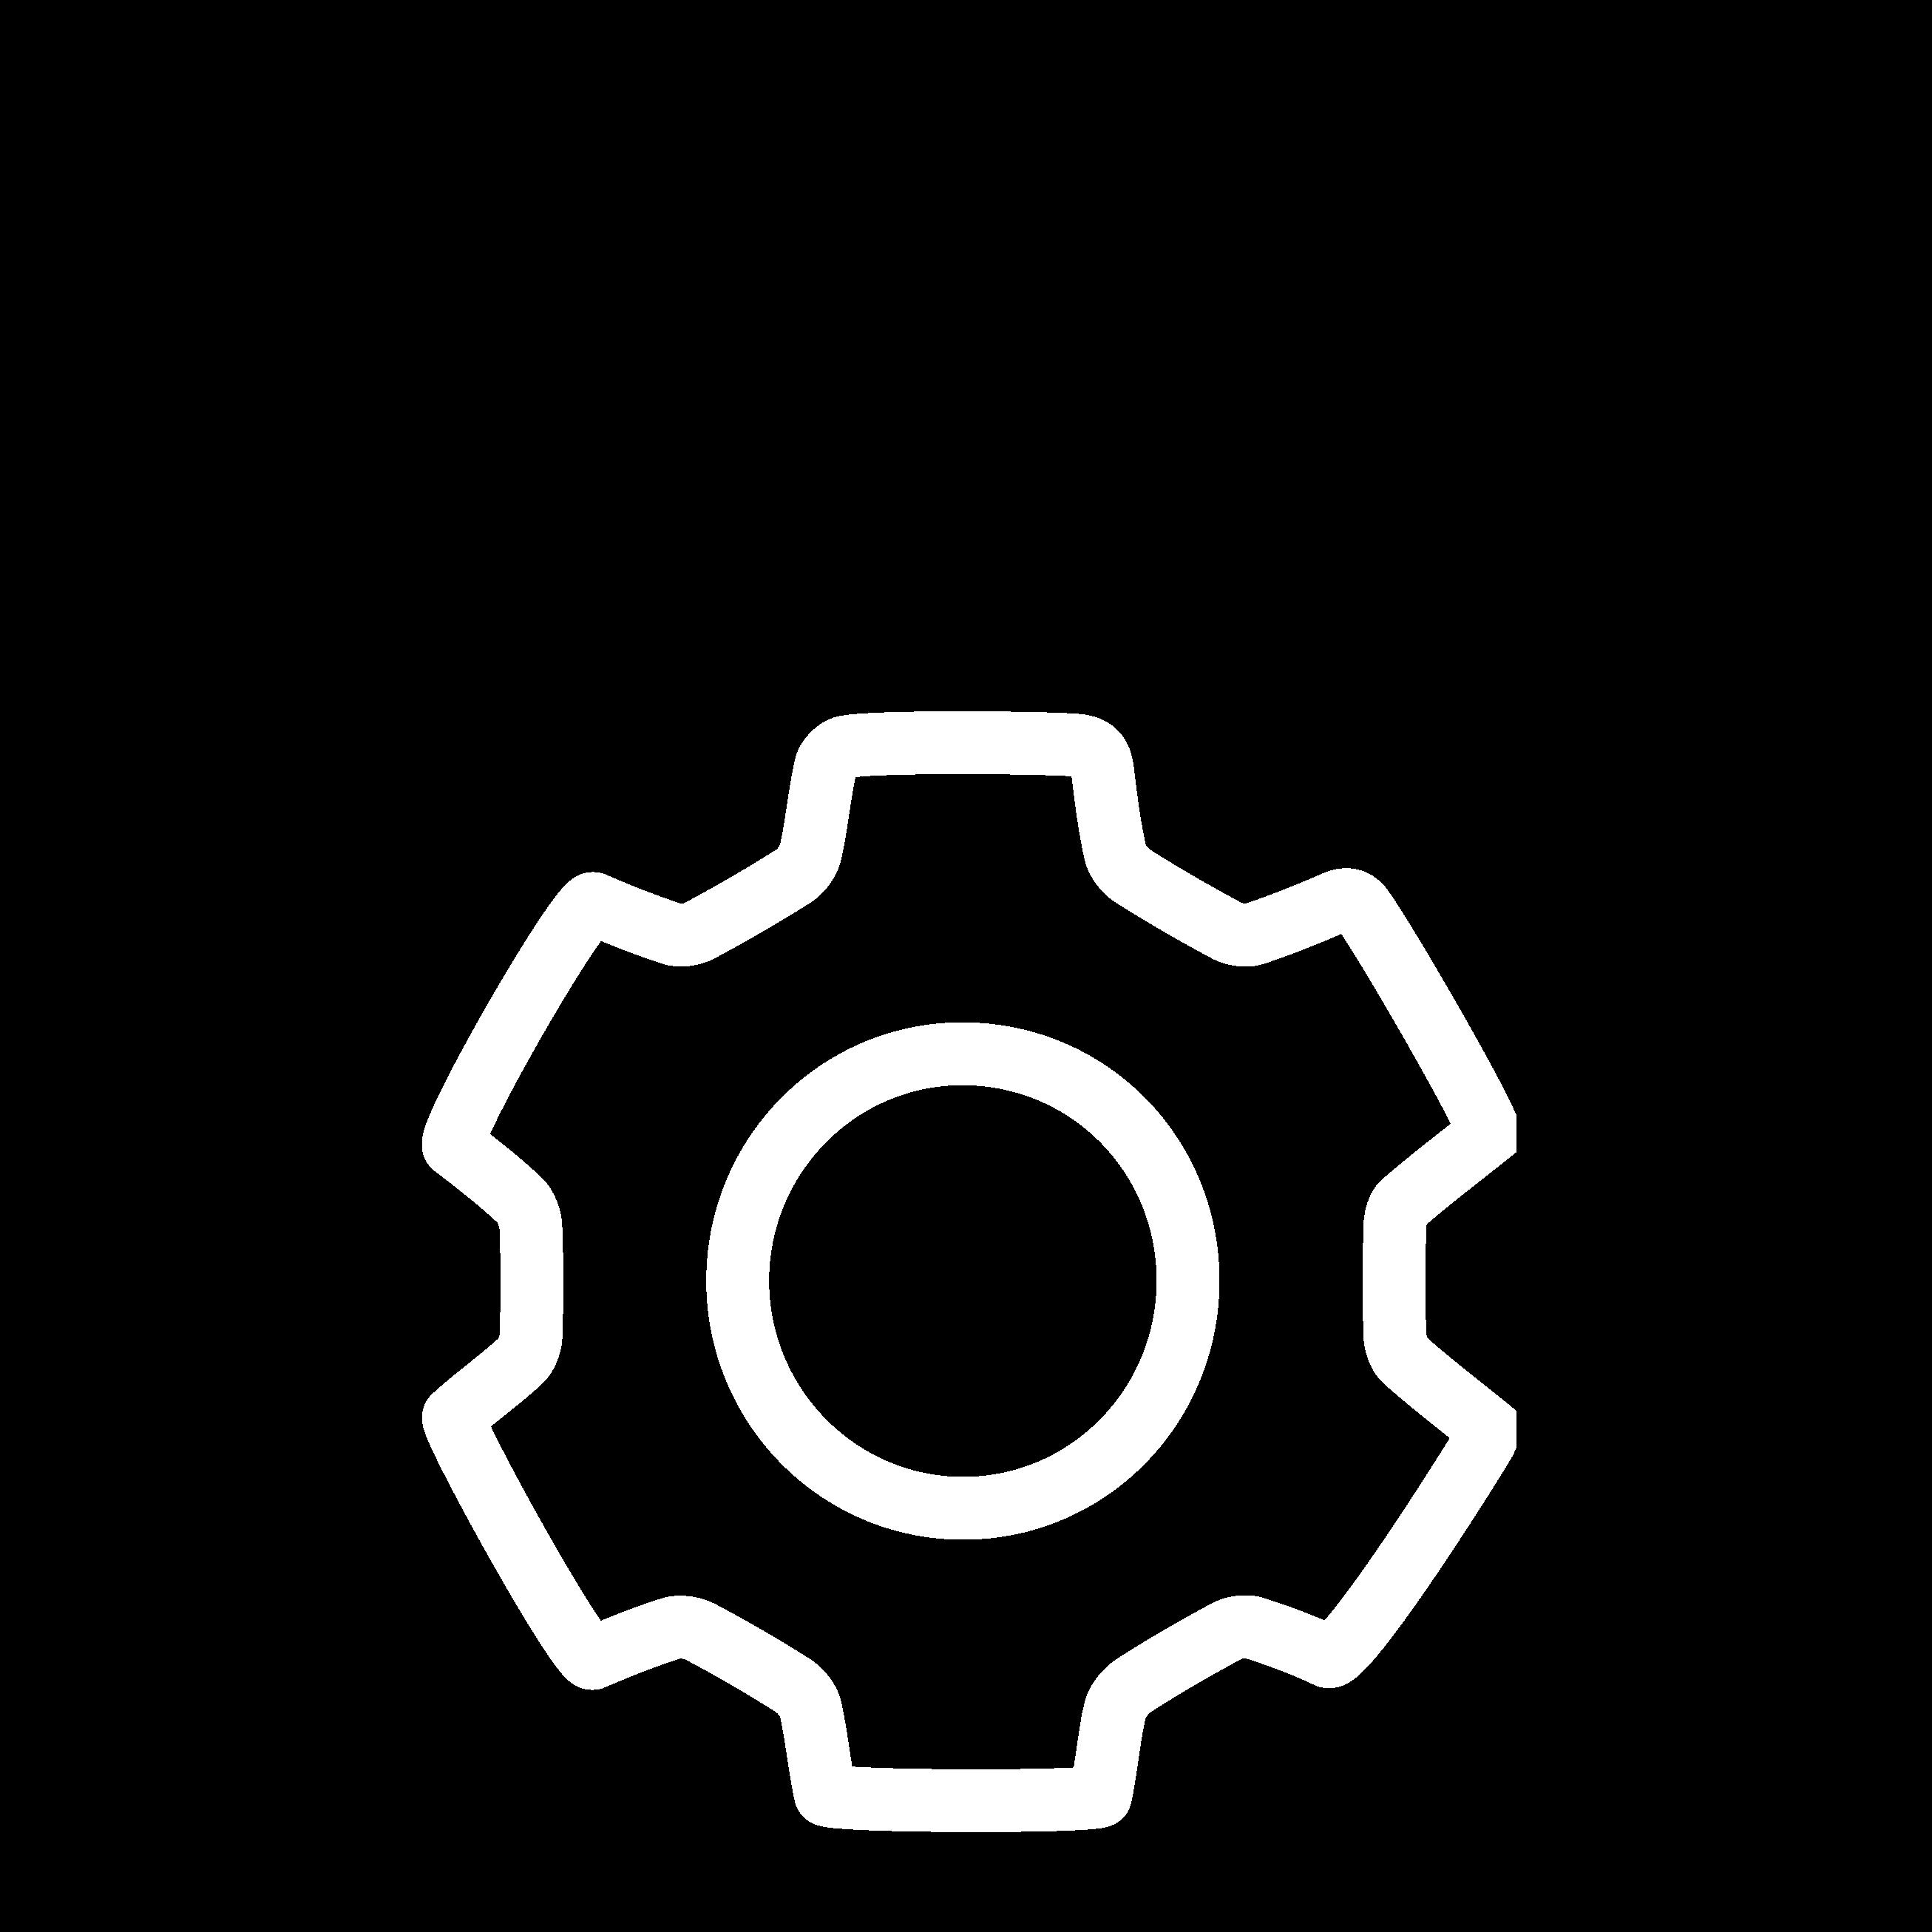 icons-06-06